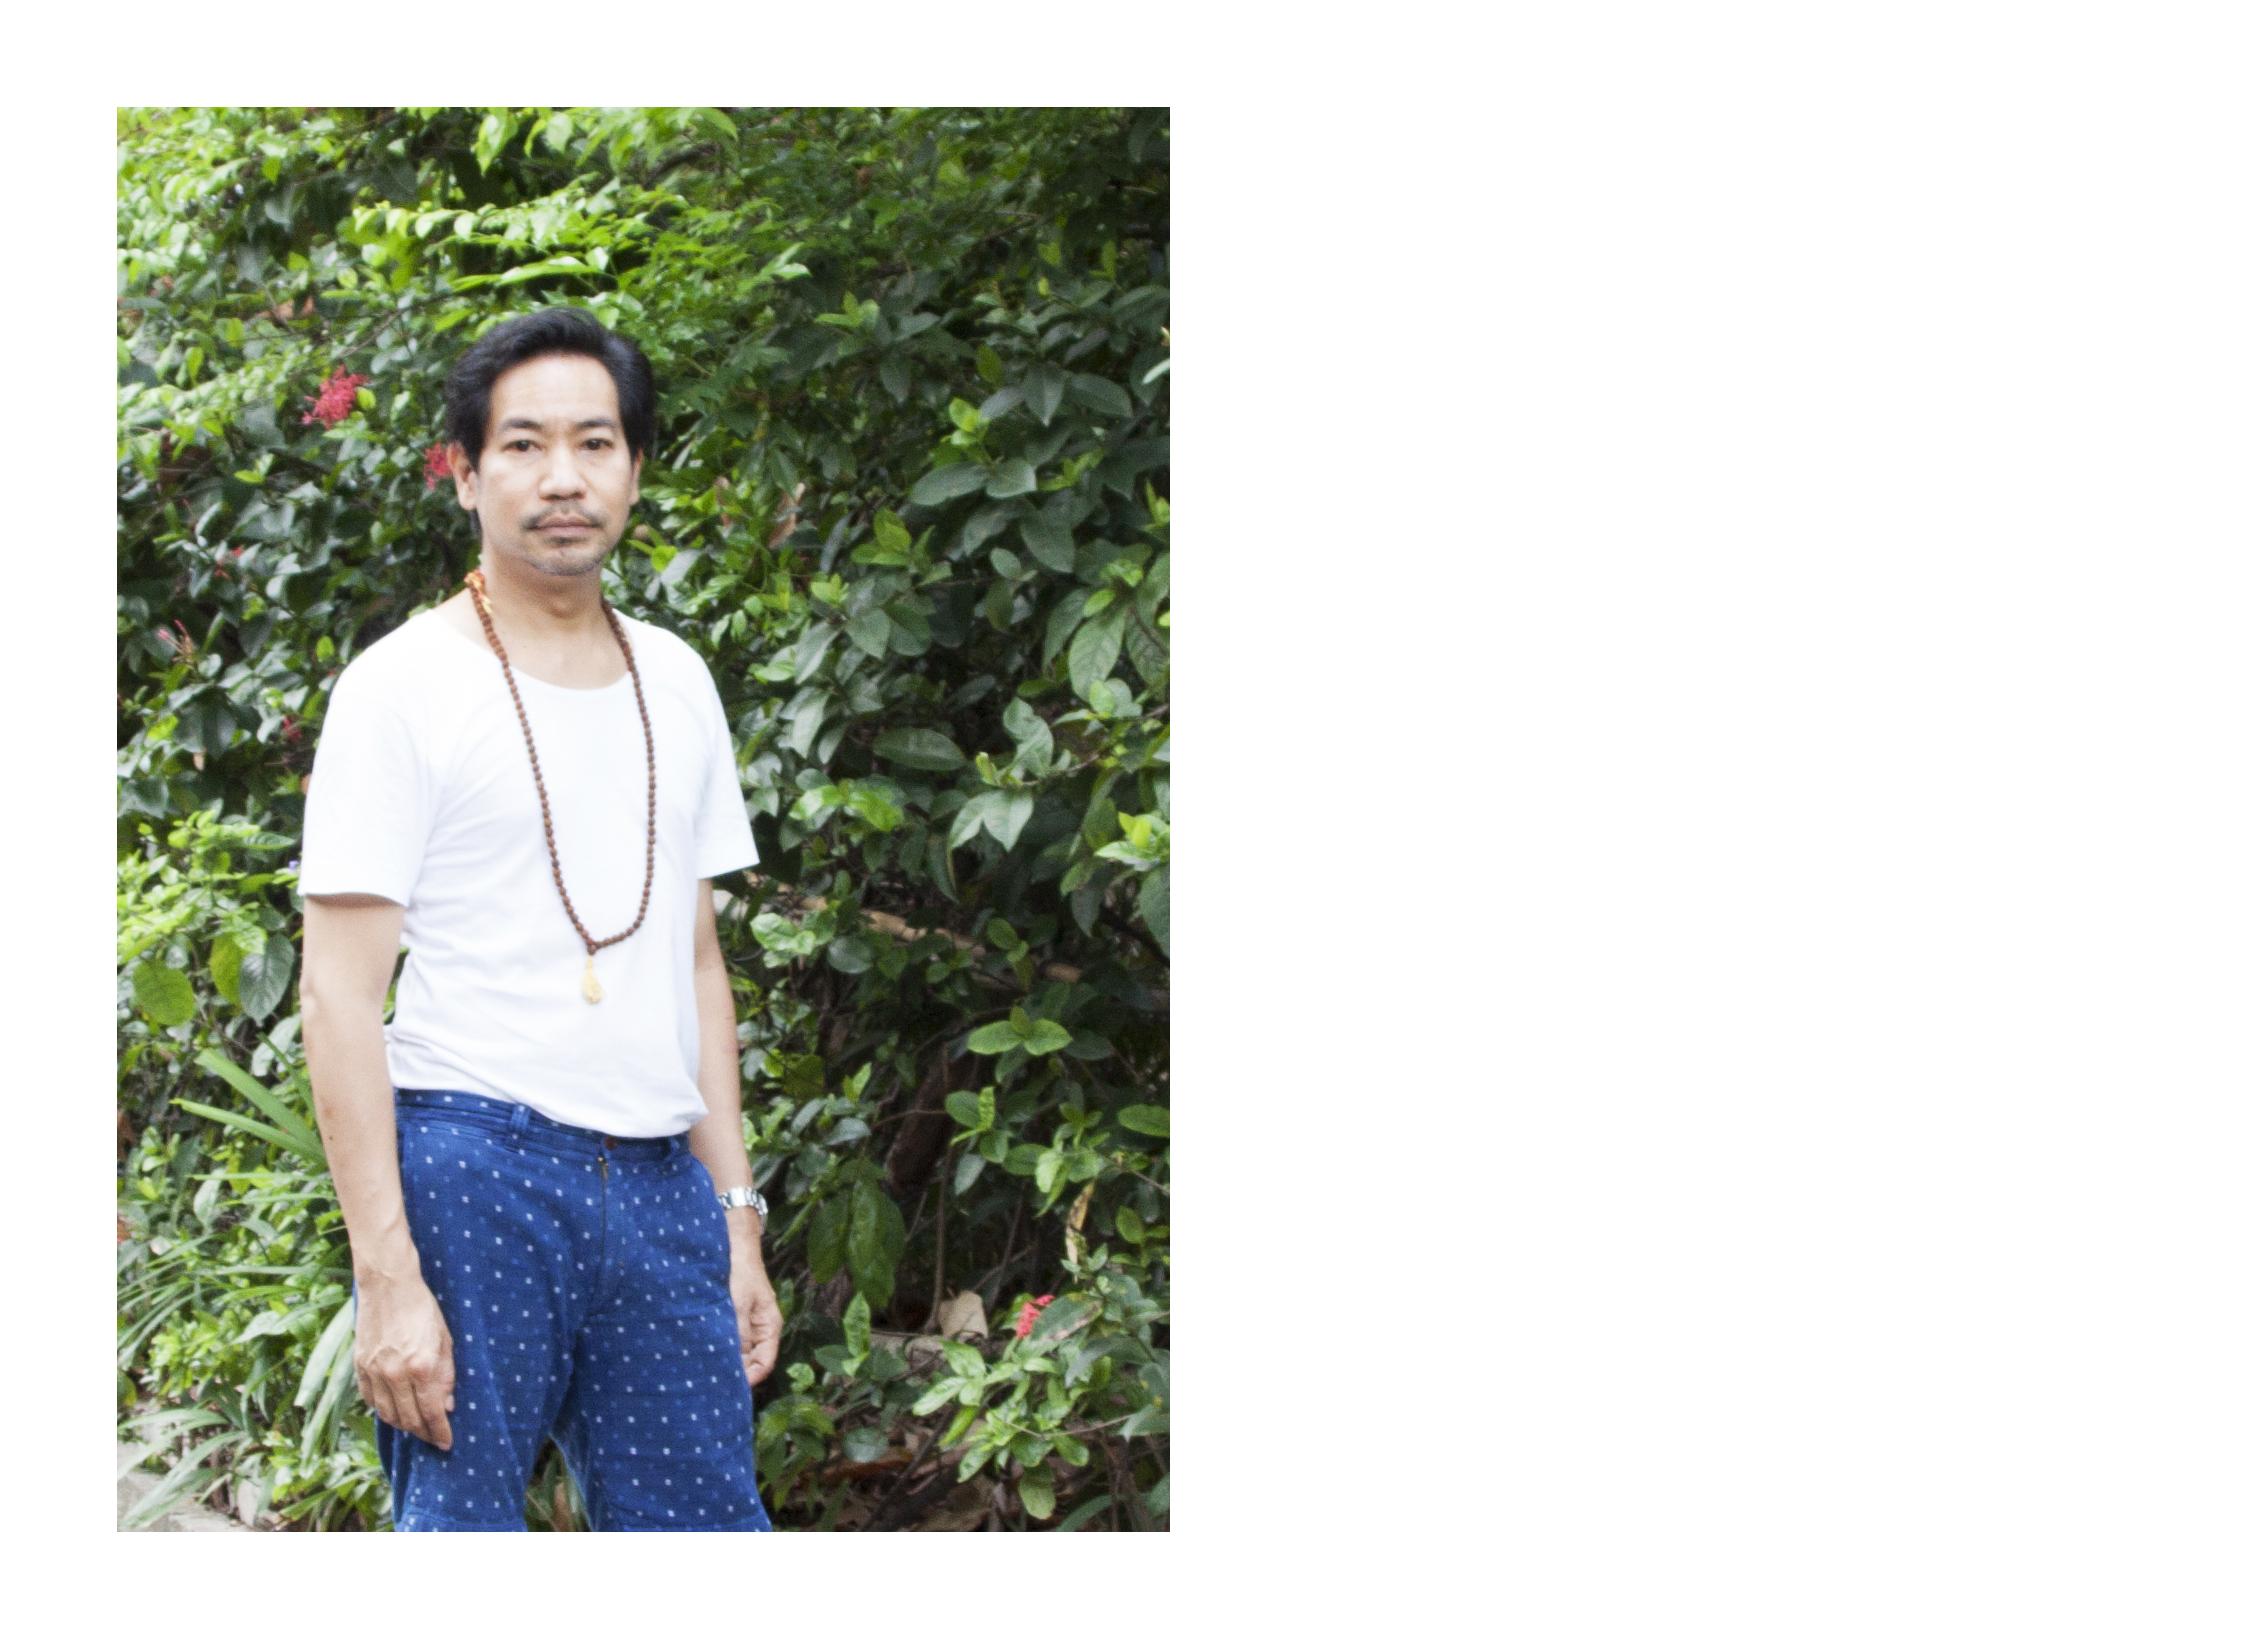 ジャッカイ・シリボ。2016年6月バンコクにて。Photo by Normal Screen